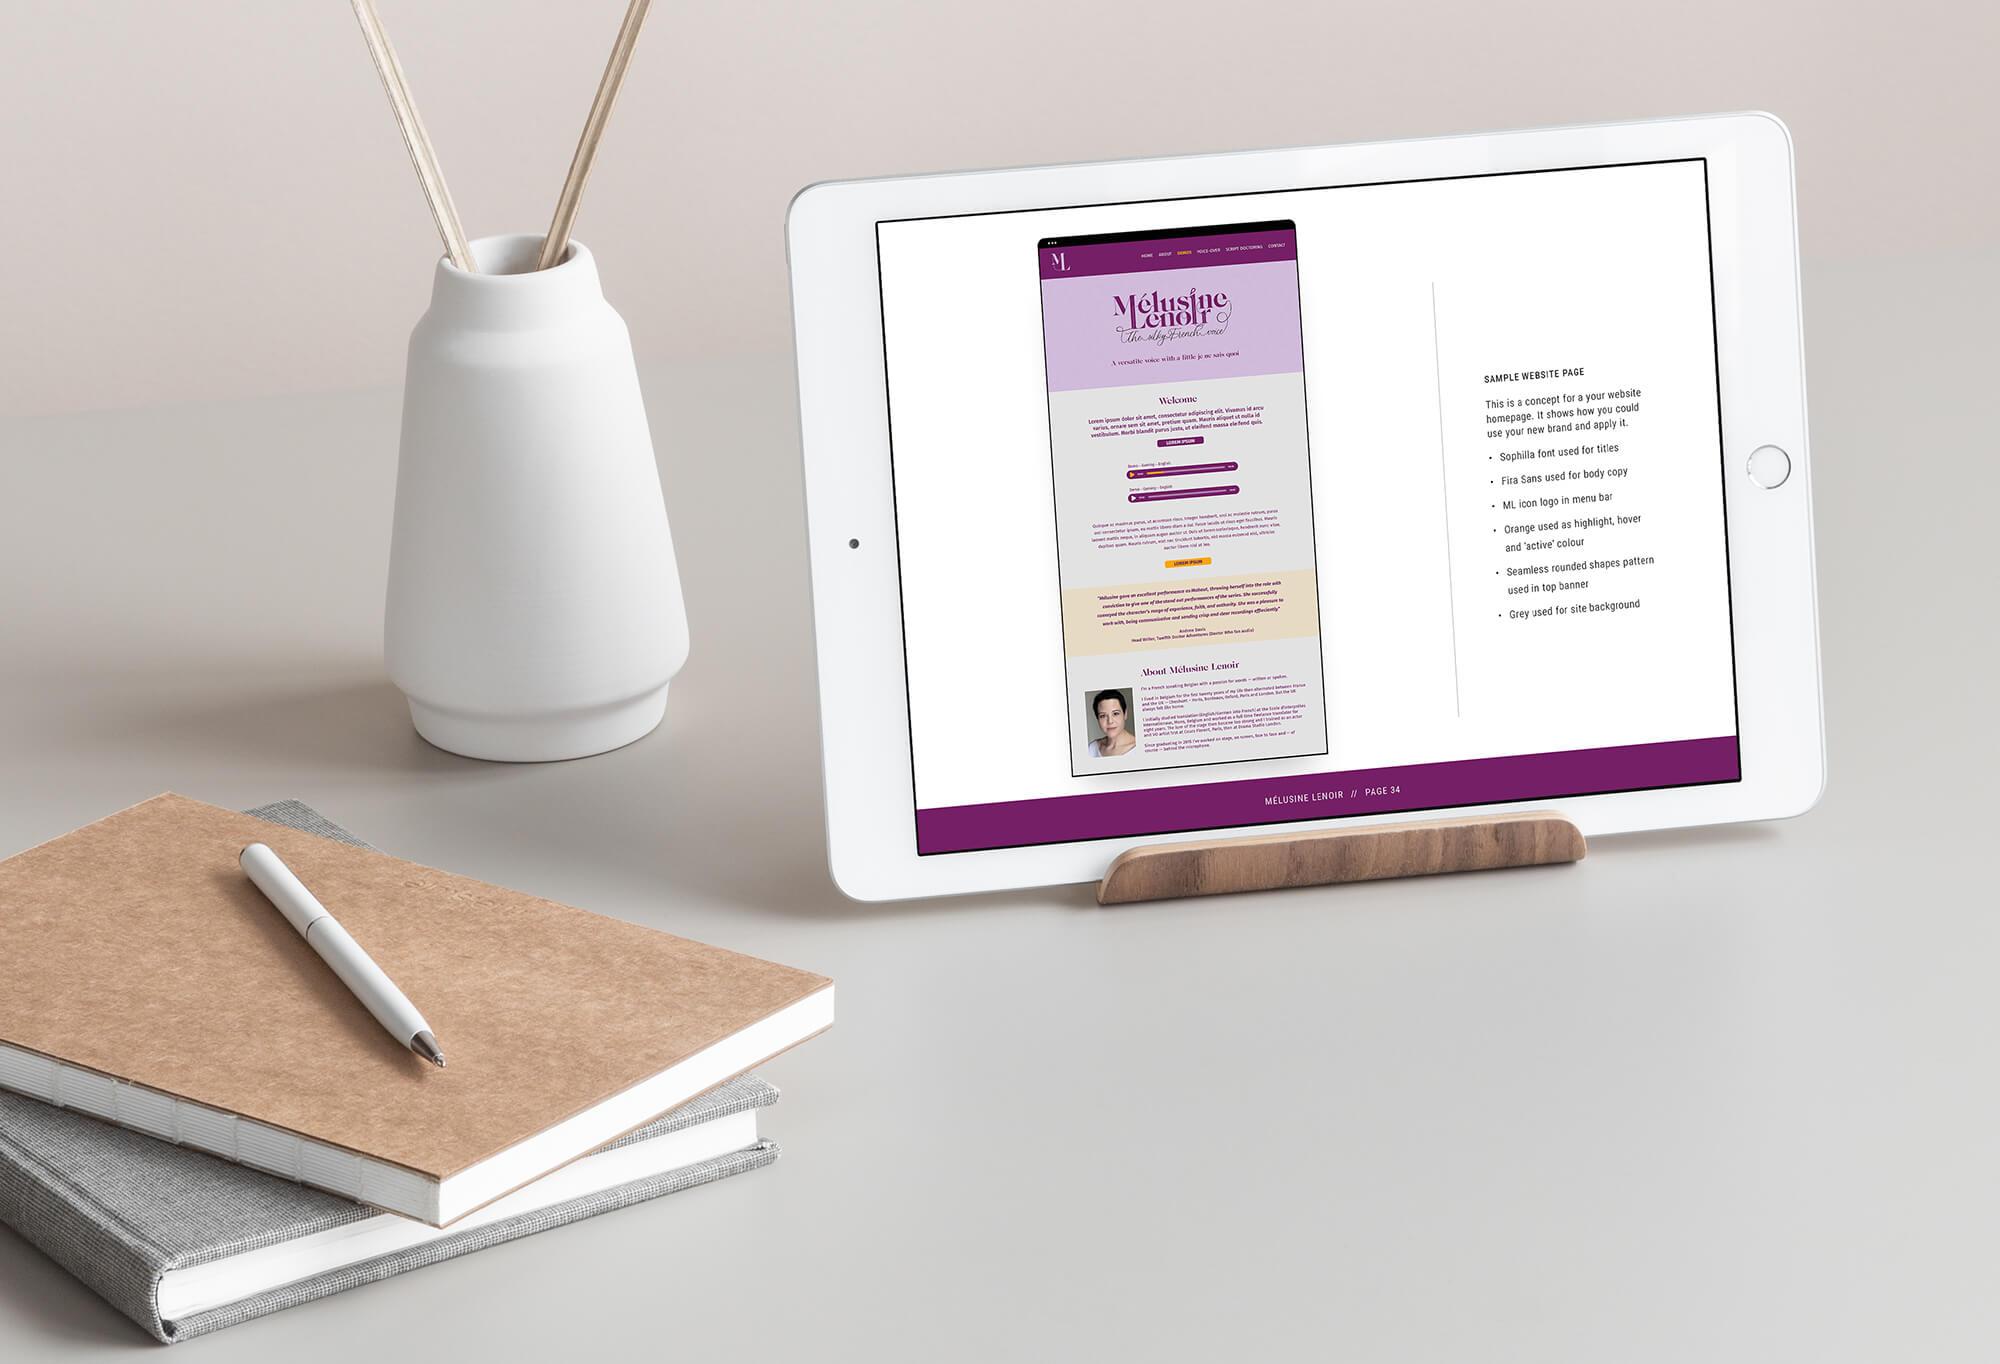 Melusine Lenoir voiceover branding logo website guidelines